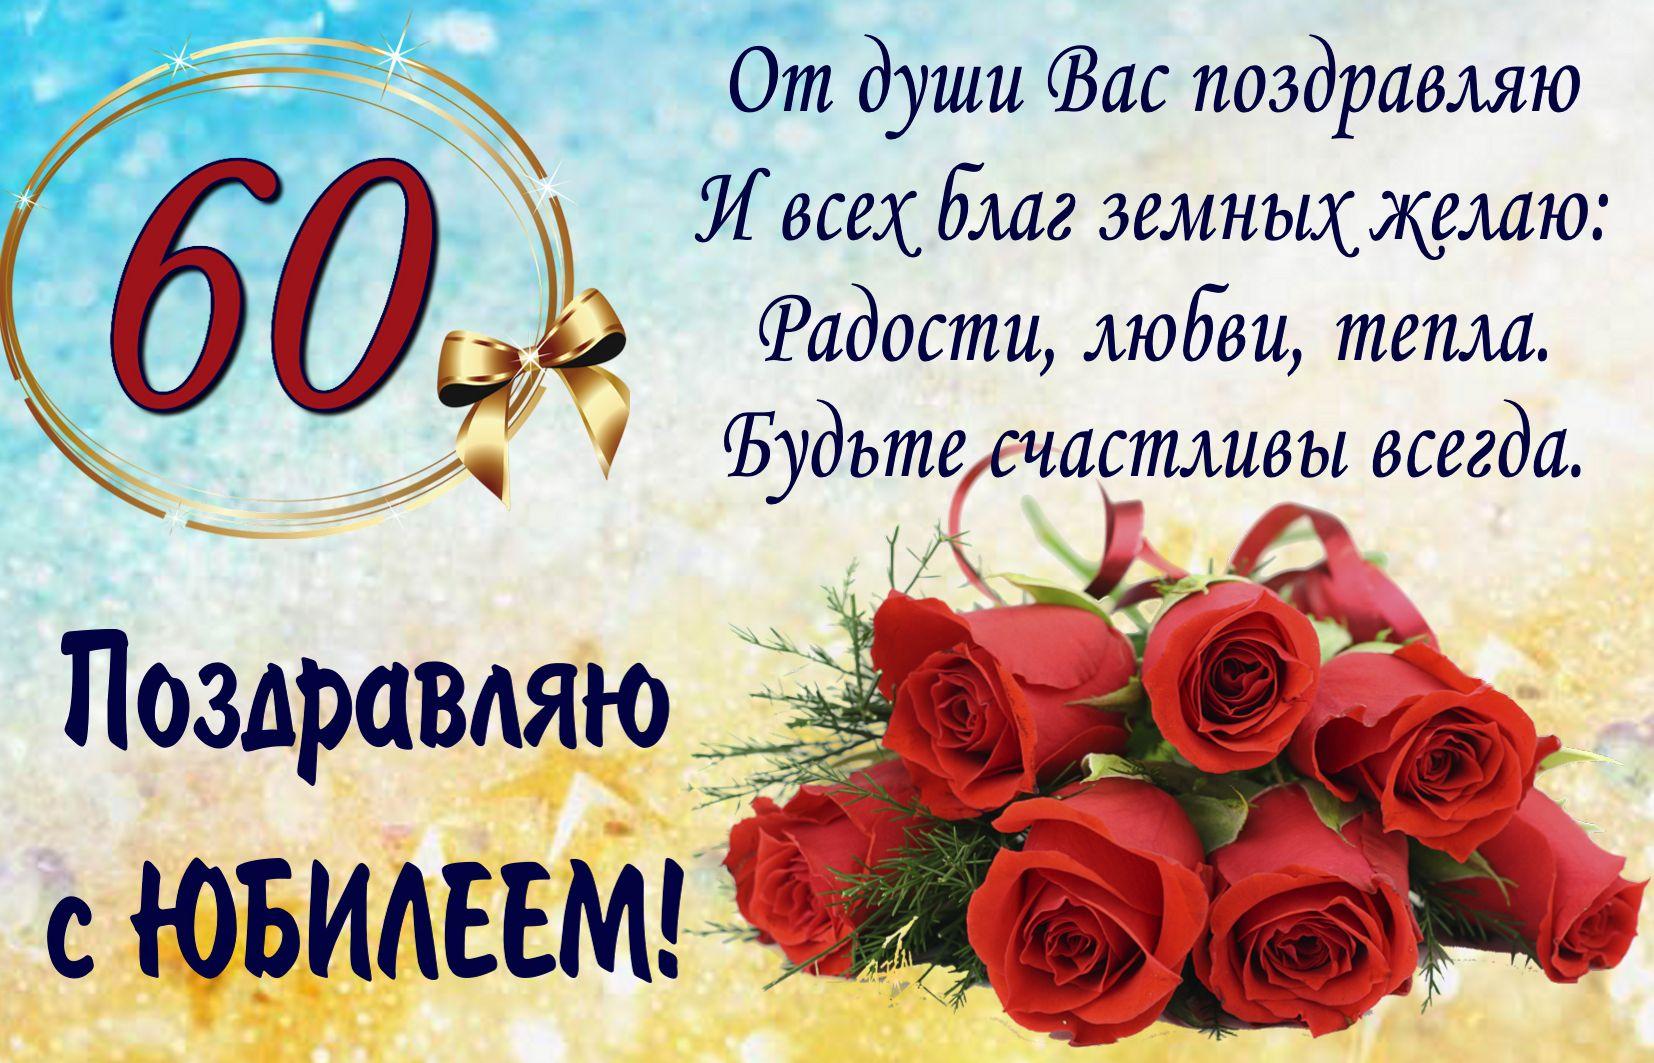 Поздравление С Днем Рождения Женщине На 70л